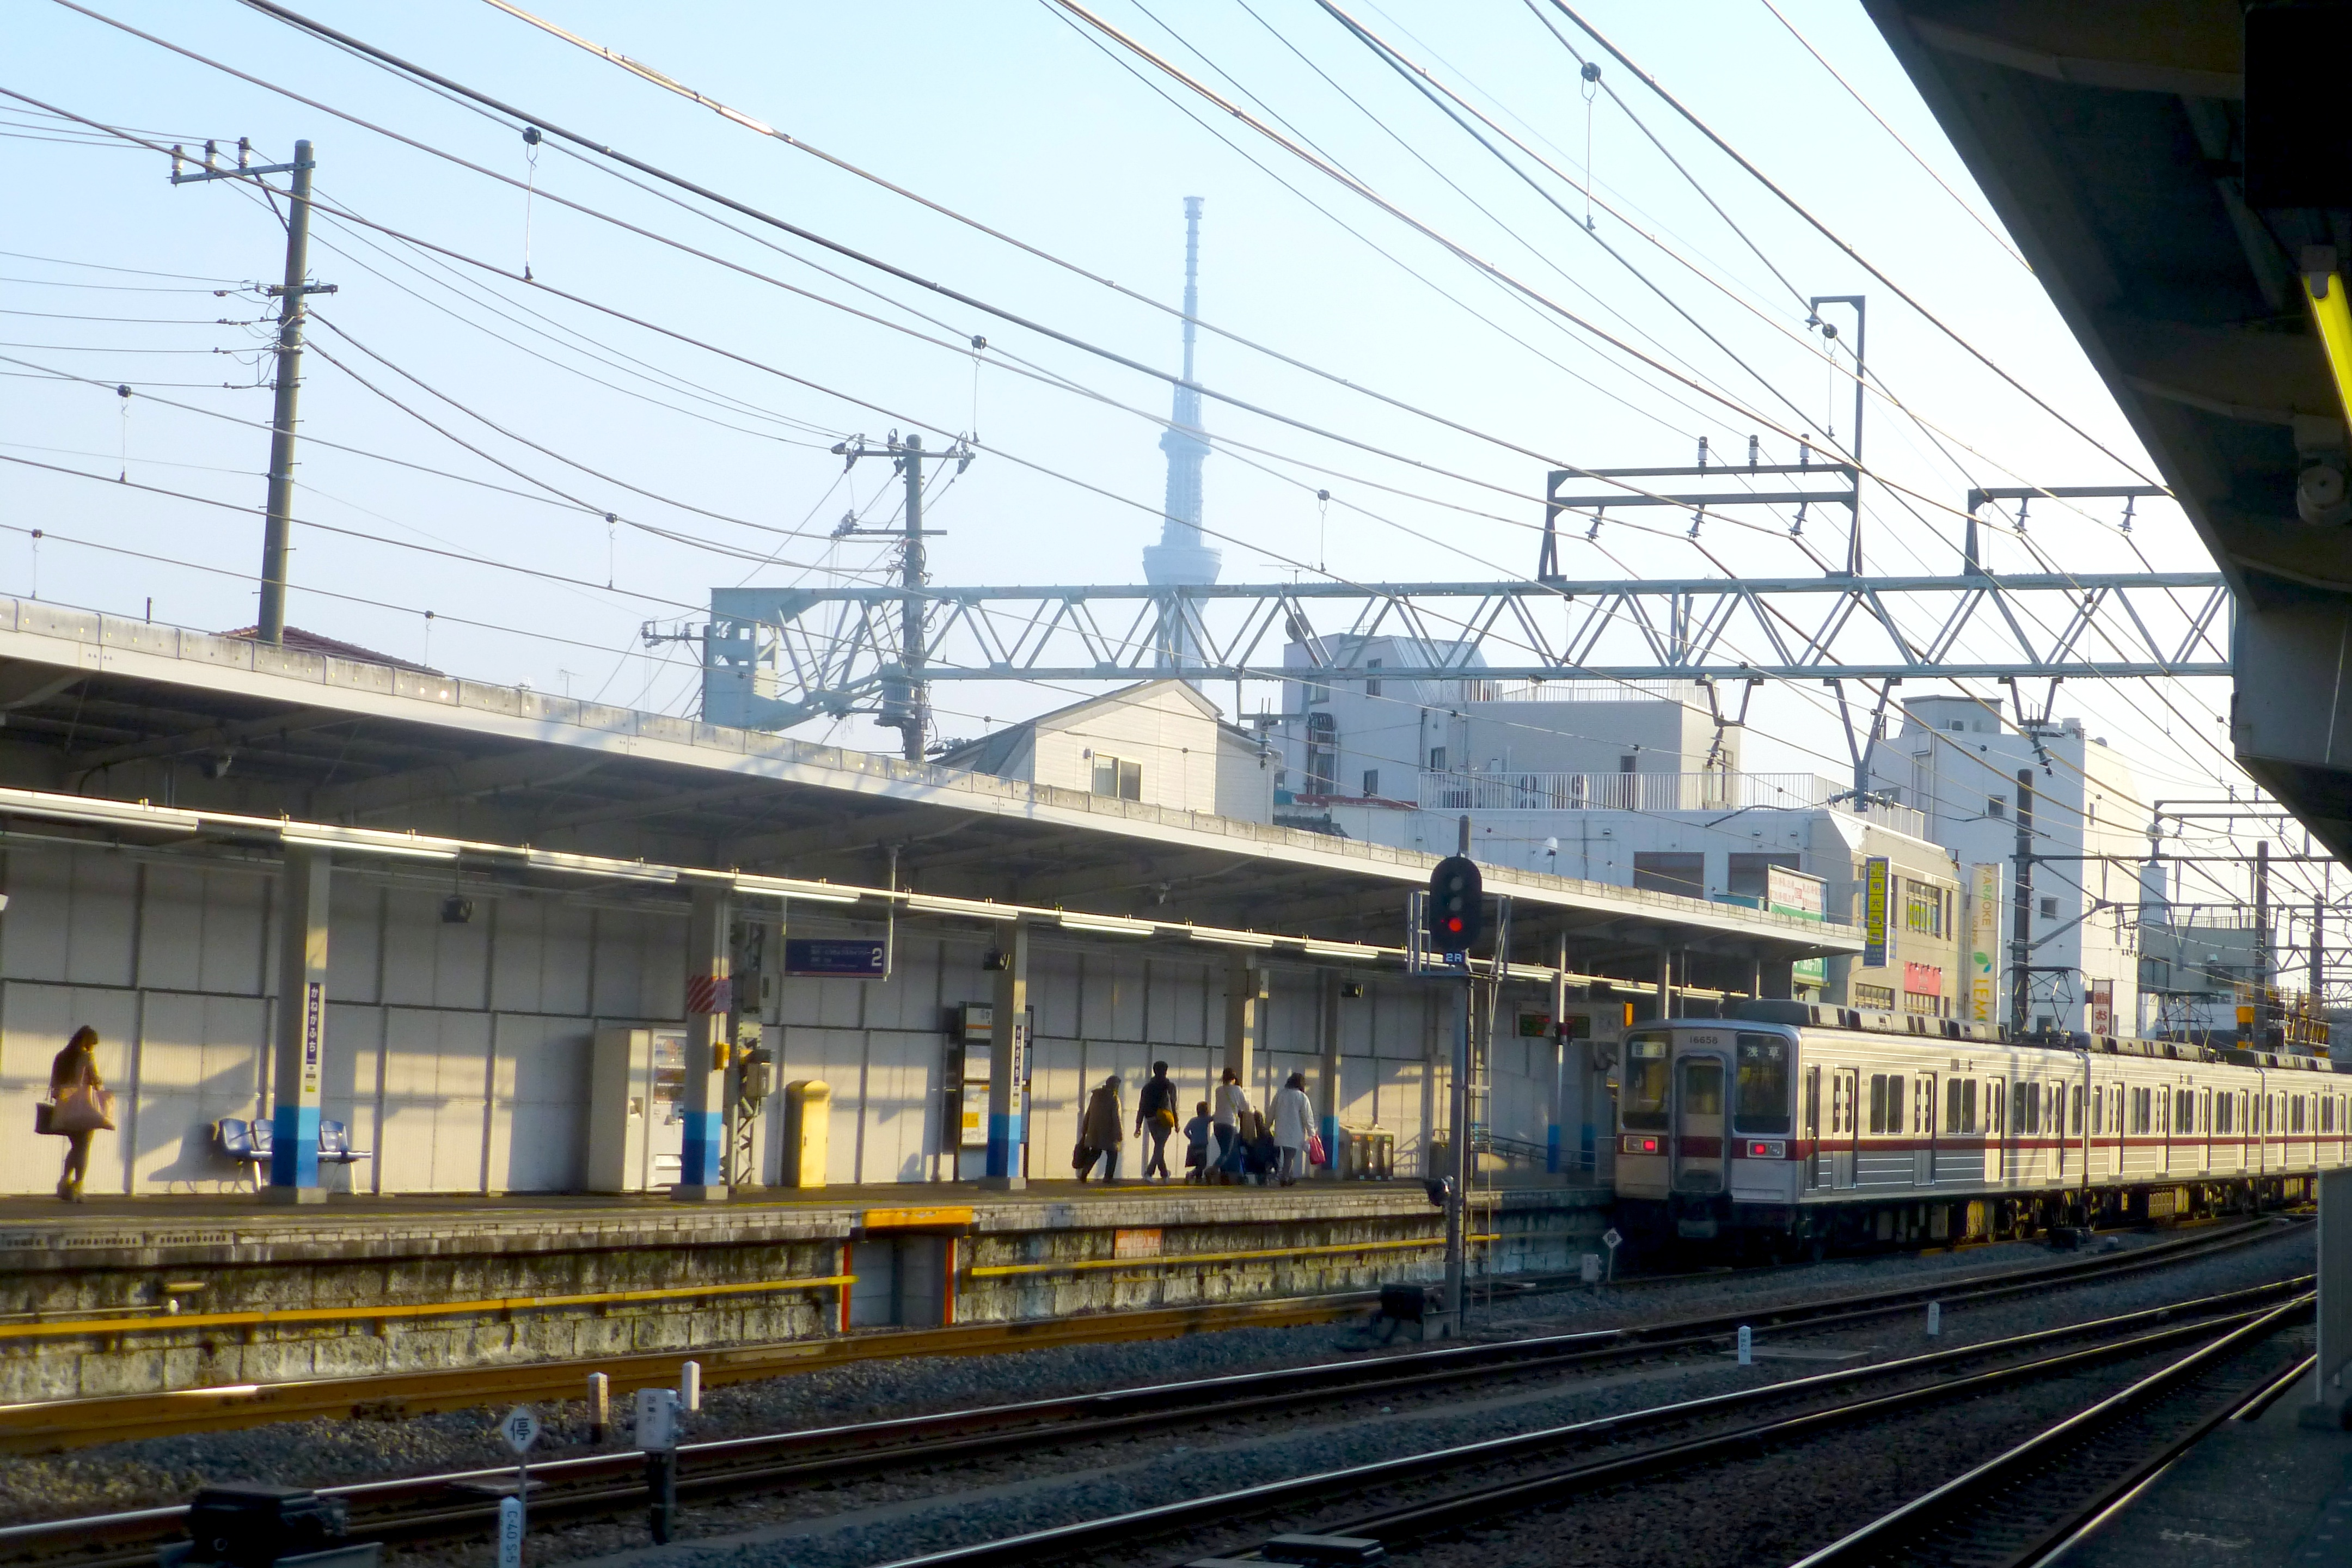 鐘ヶ淵駅 - Wikipedia